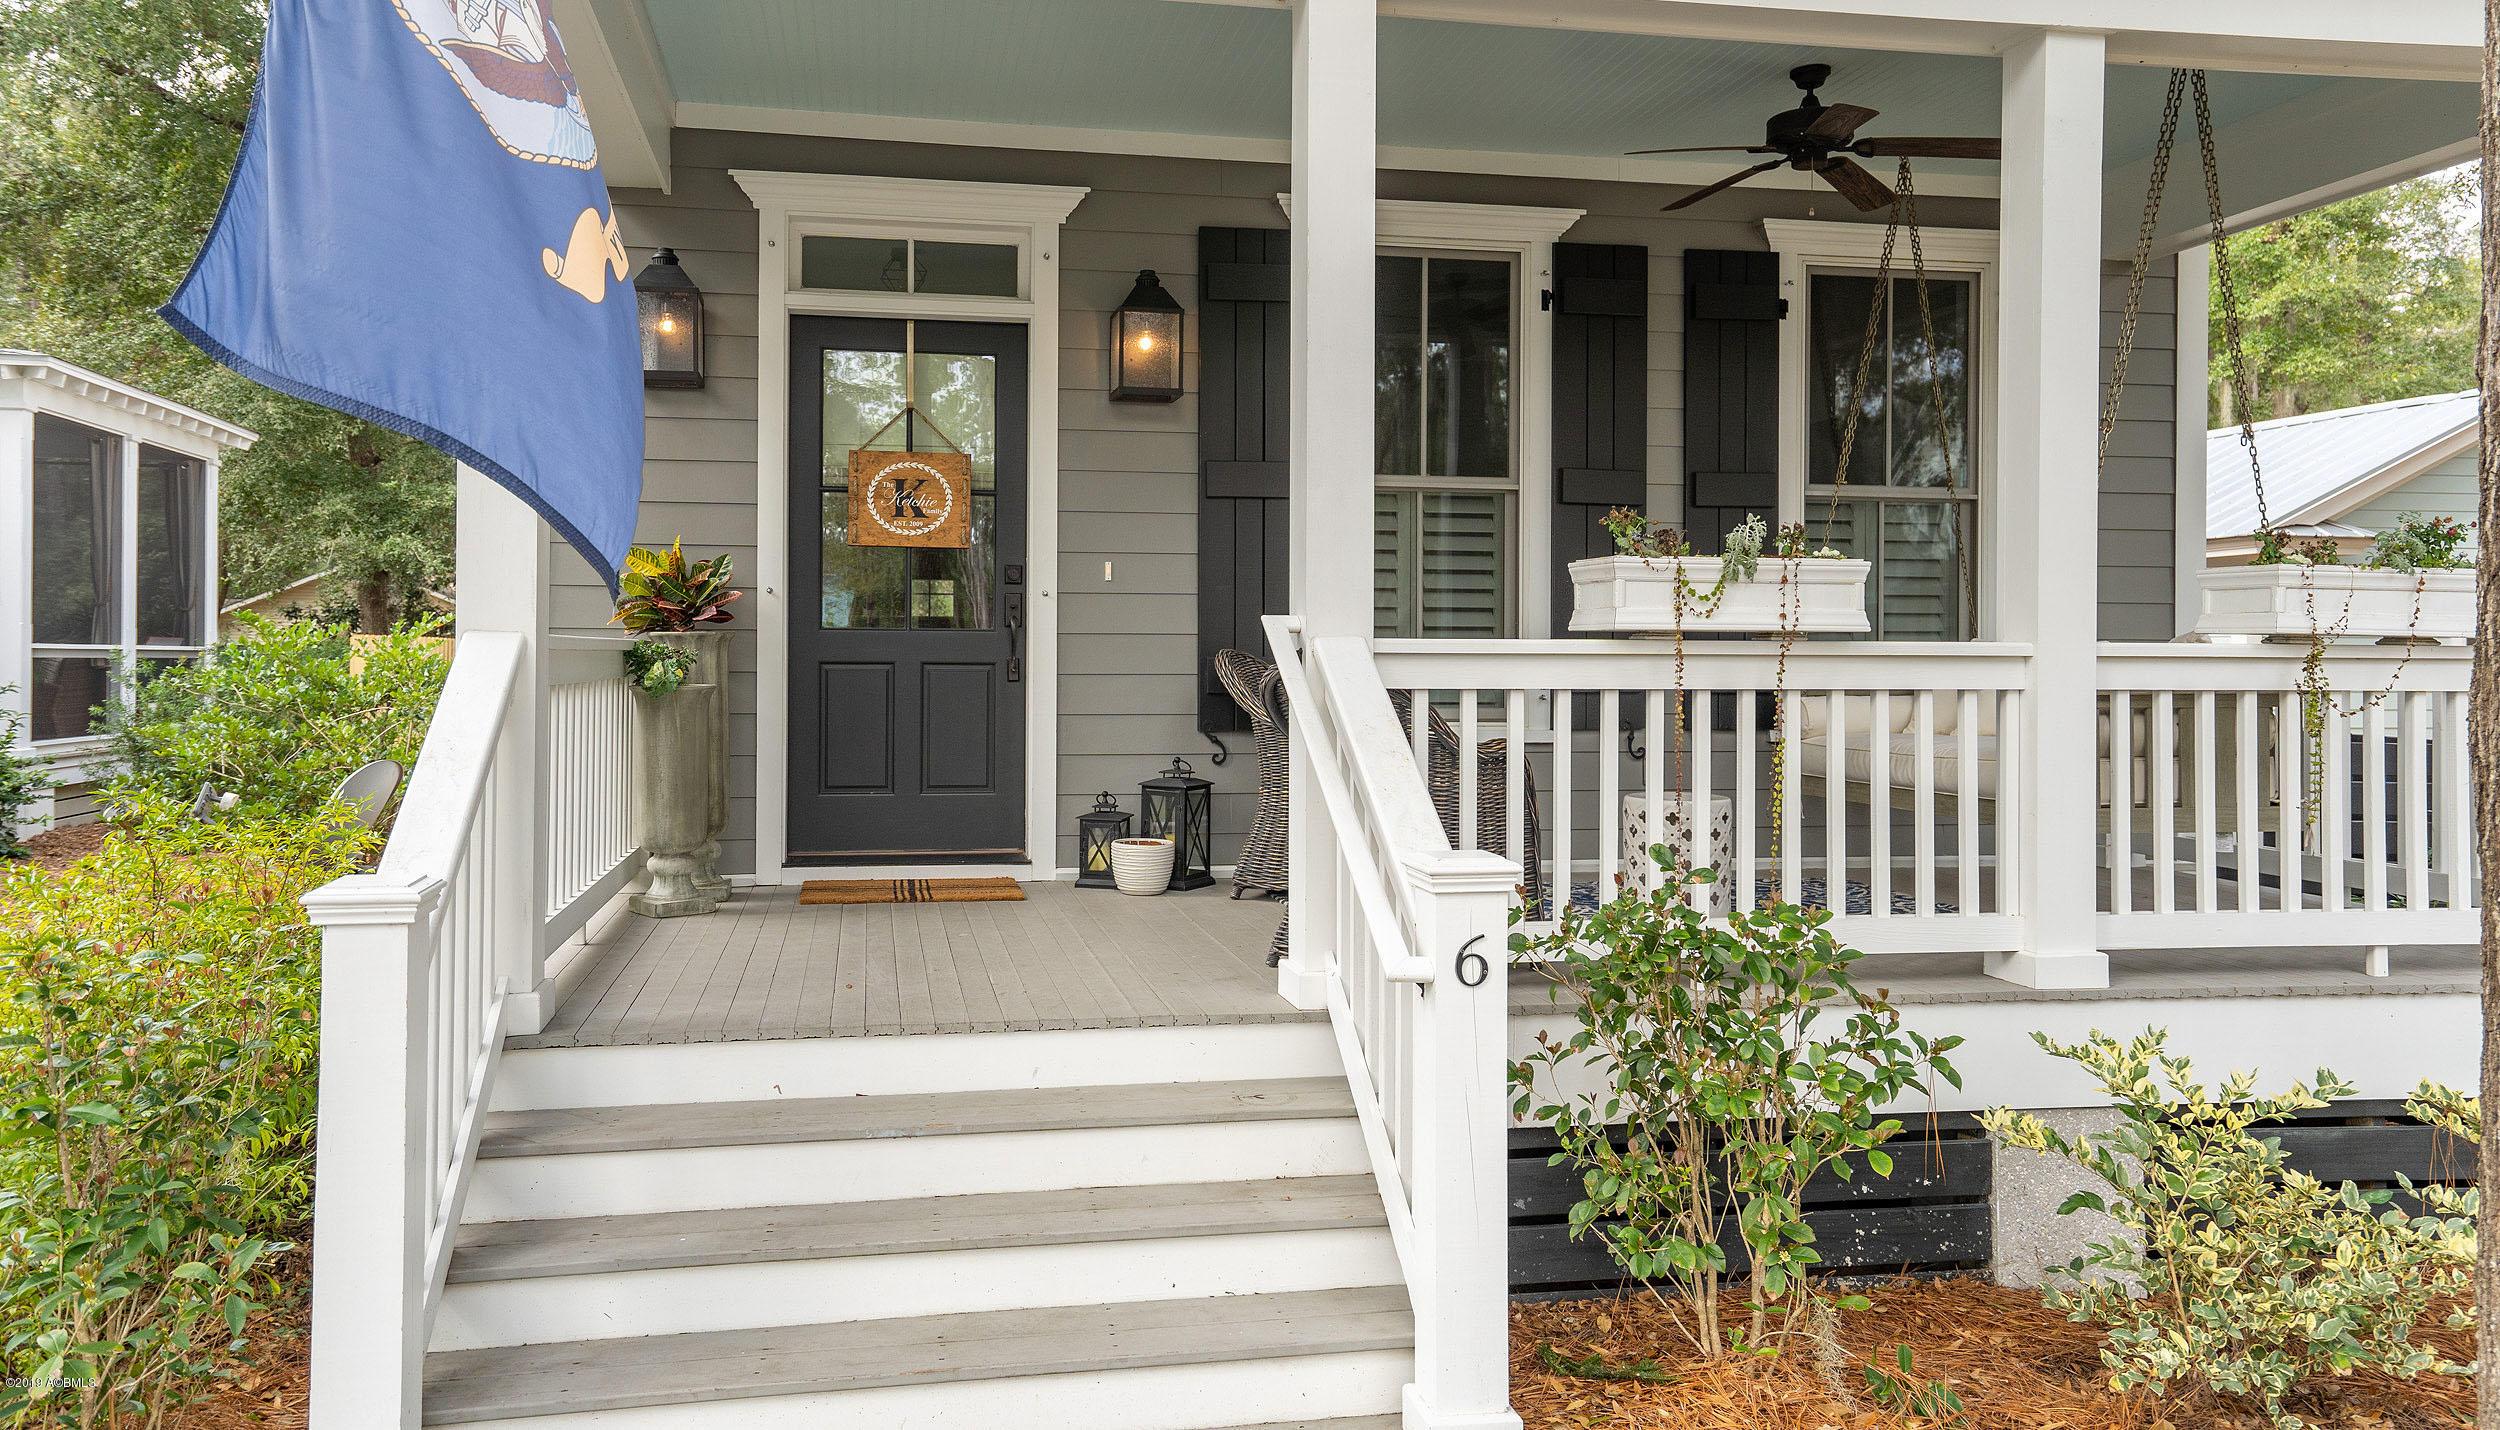 6 jade street beaufort 29907 weichert realtors coastal properties rh weichertcp com